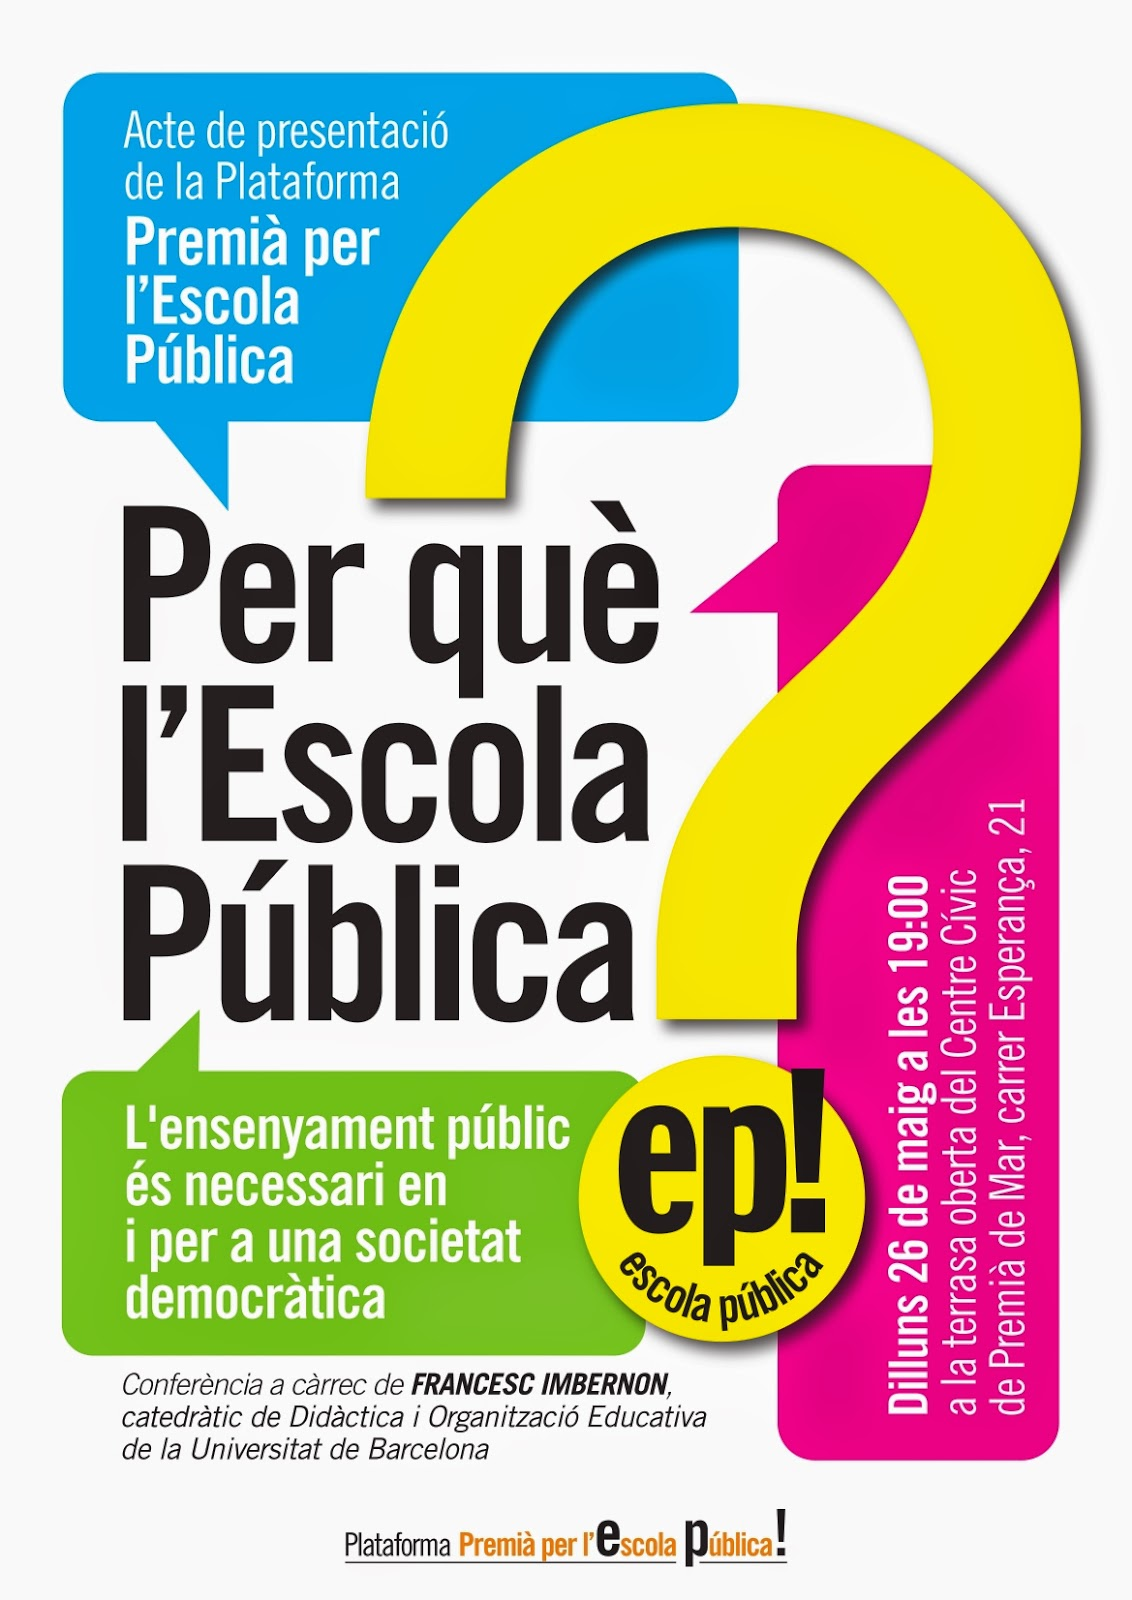 [26 de maig] Presentació de la Plataforma Premià per l'Escola Pública